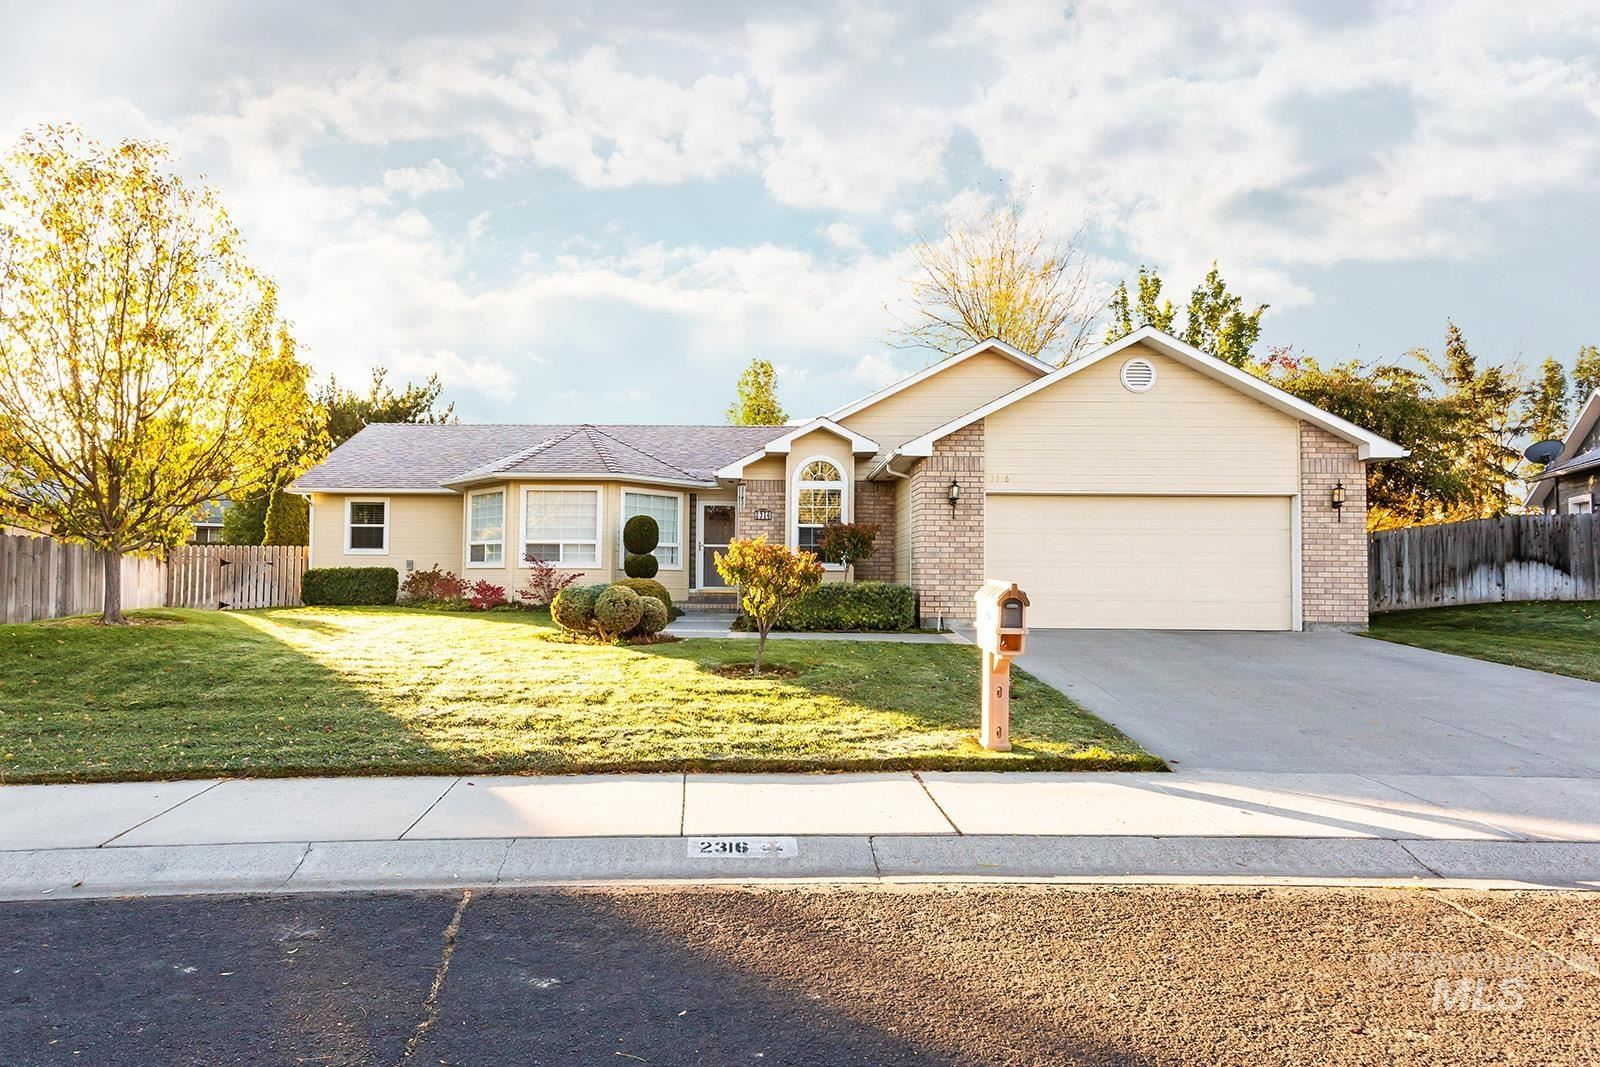 2316 Hillcrest Drive, Twin Falls, ID 83301 - MLS#: 98822611